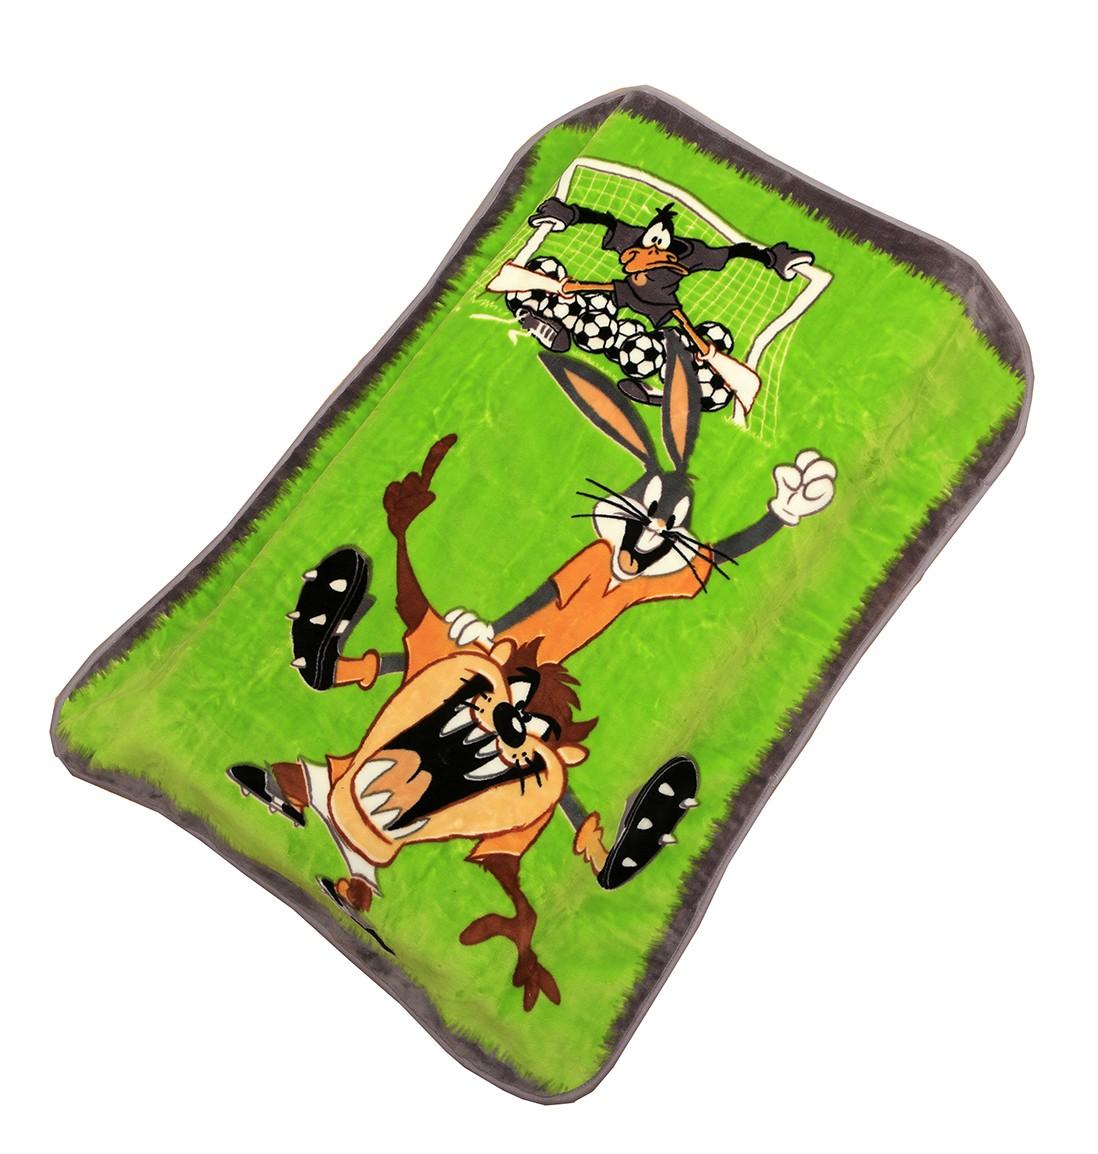 Κουβέρτα Βελουτέ Κούνιας Viopros Looney Tunes 1 Football